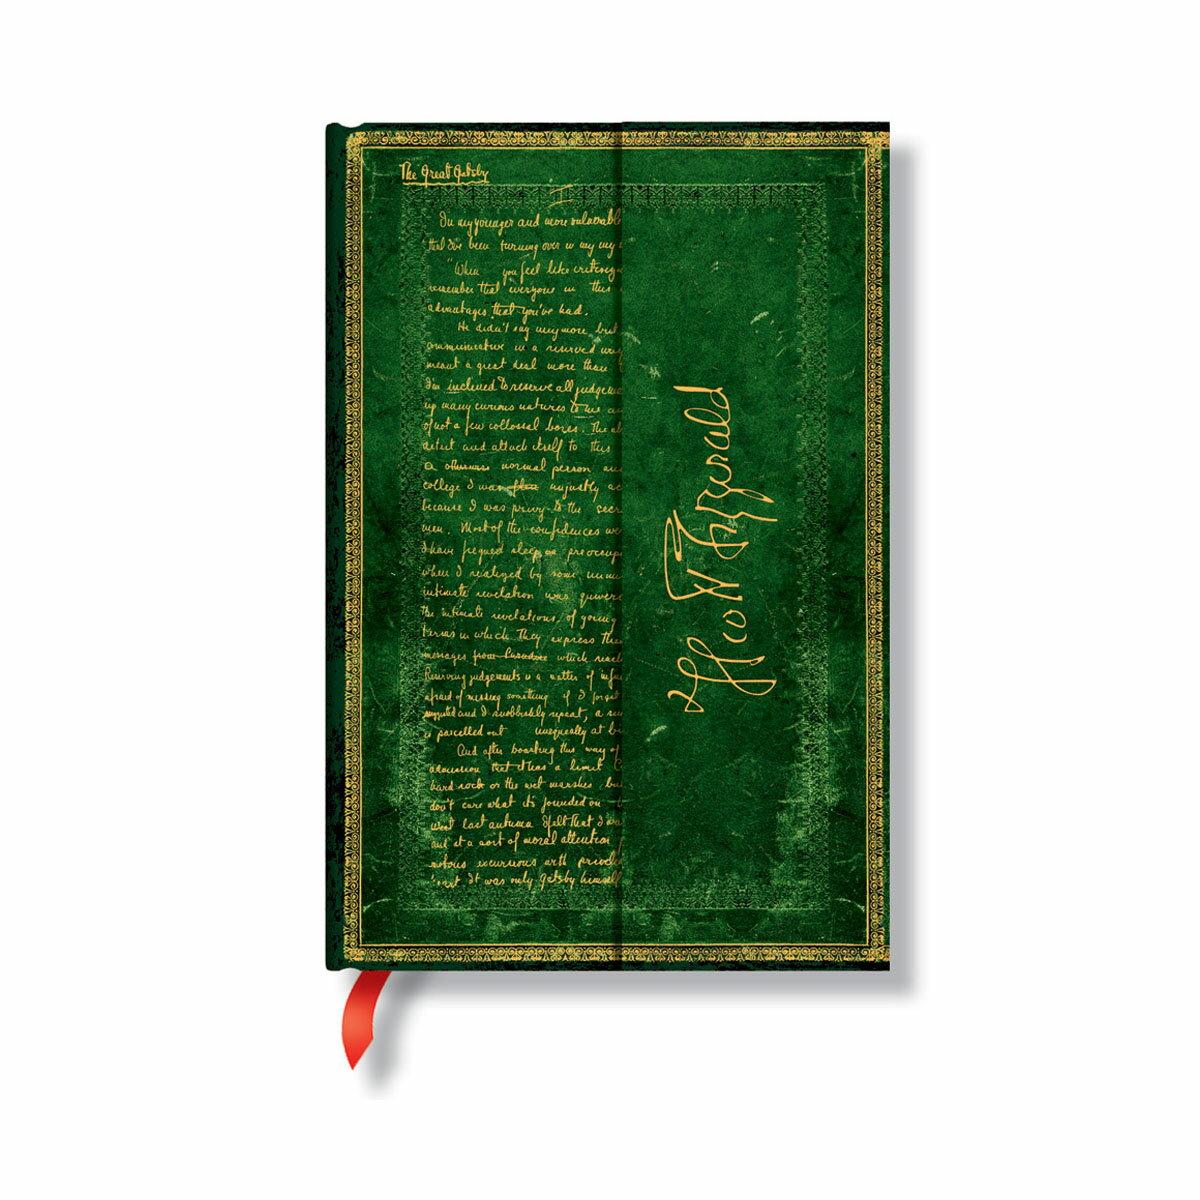 paperblanks ペーパーブランクス ノートブック ミニ(MINI)サイズ アーティストビジョン フィッツジェラルド グレート・ギャッツビー PB1405-8 マグネット式カバー 176頁 罫線